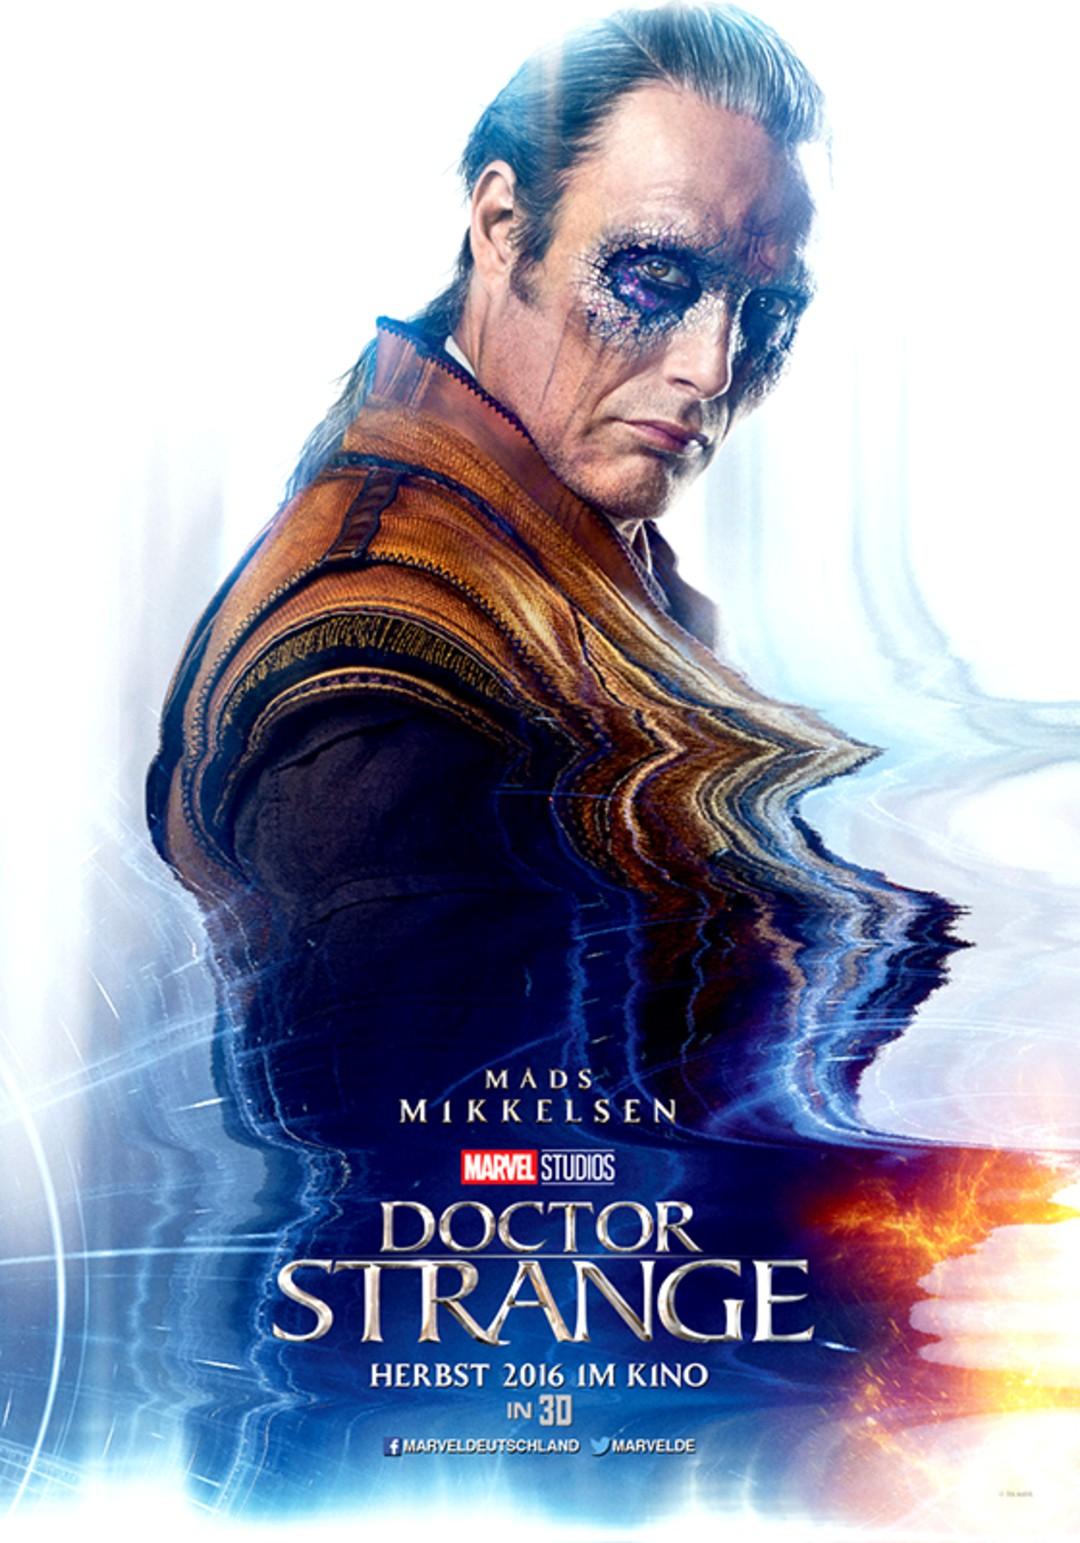 Die Welt des Doctor Strange - Bild 4 von 7